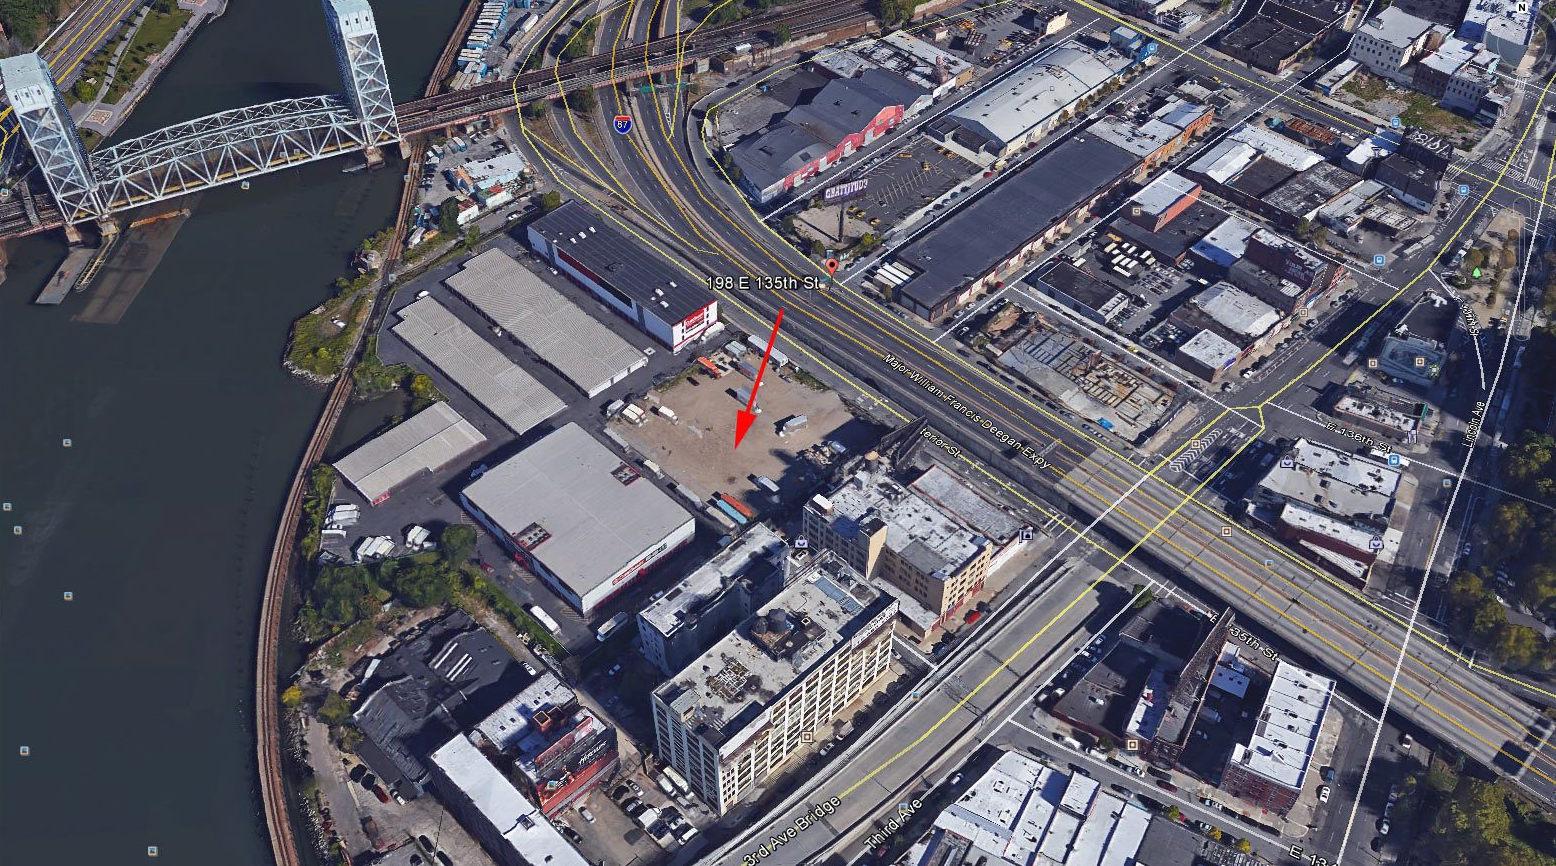 198 East 135th Street, image via